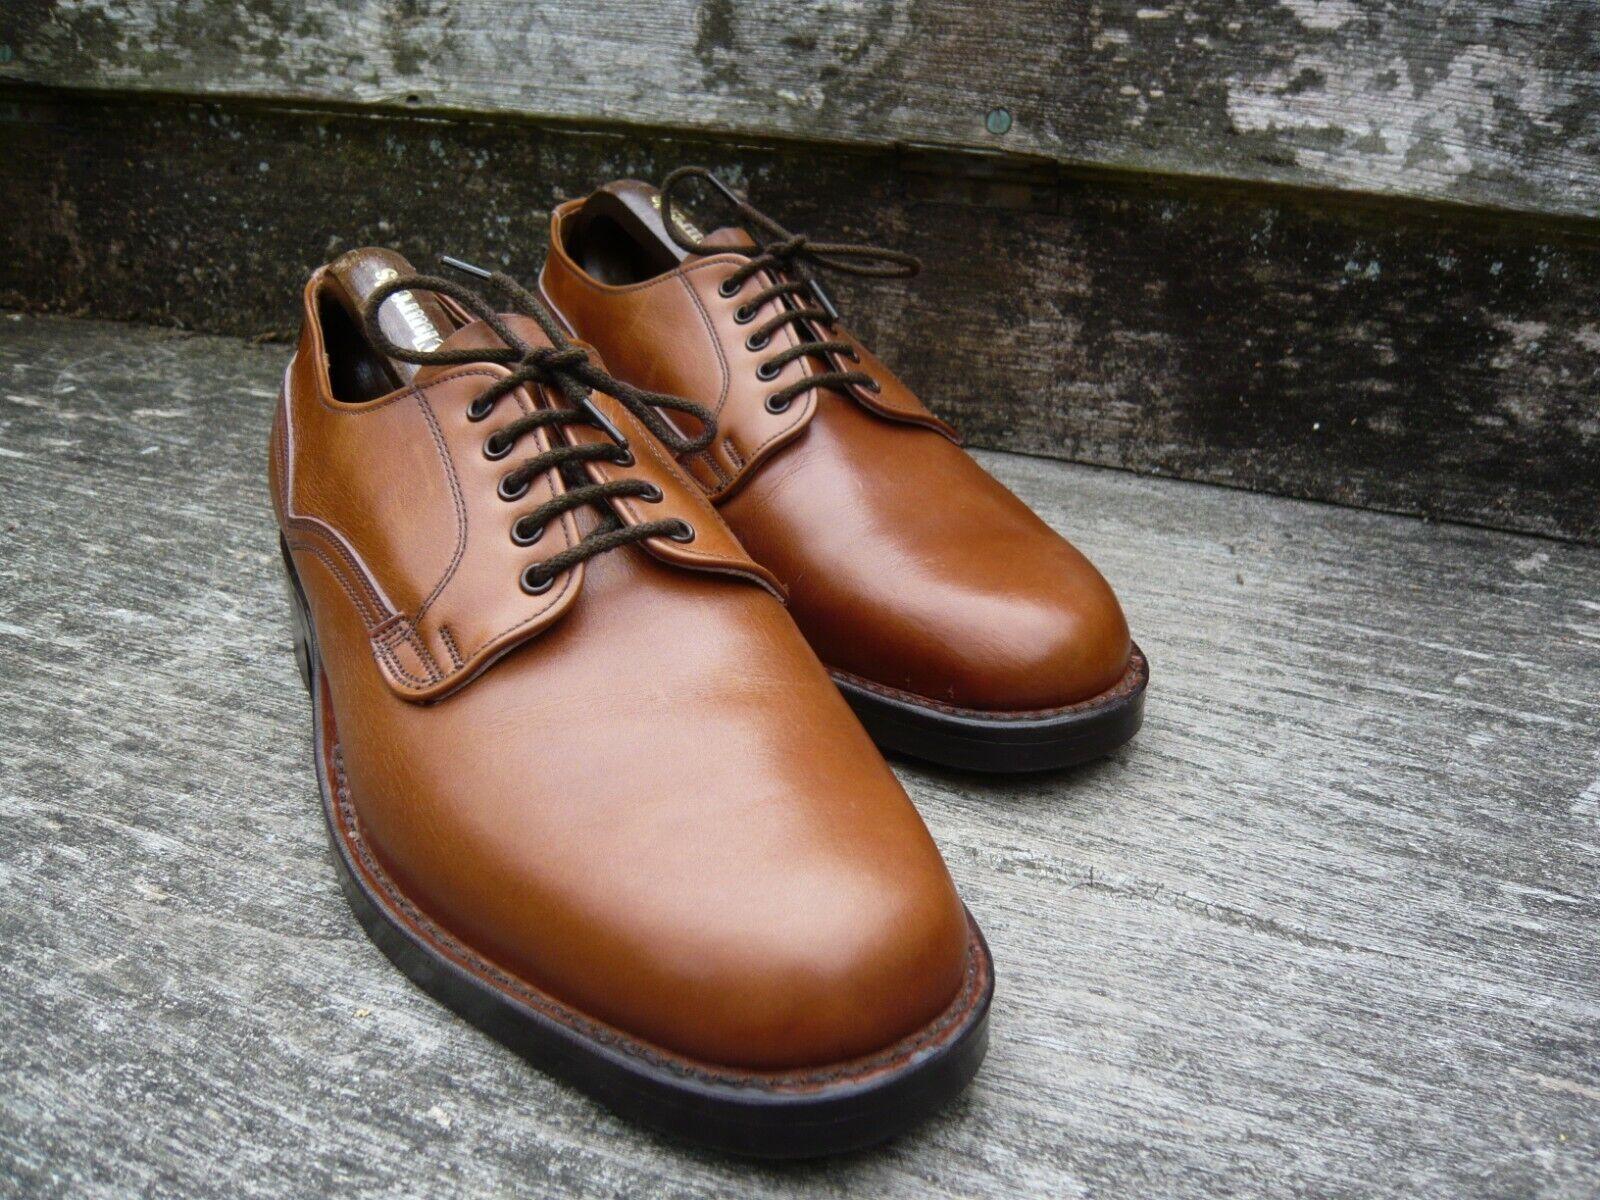 Cheaney vintage Veldt zapatosn Derby marrón   marrón - Reino Unido 7,5 grados Celsius Neath sin adornar